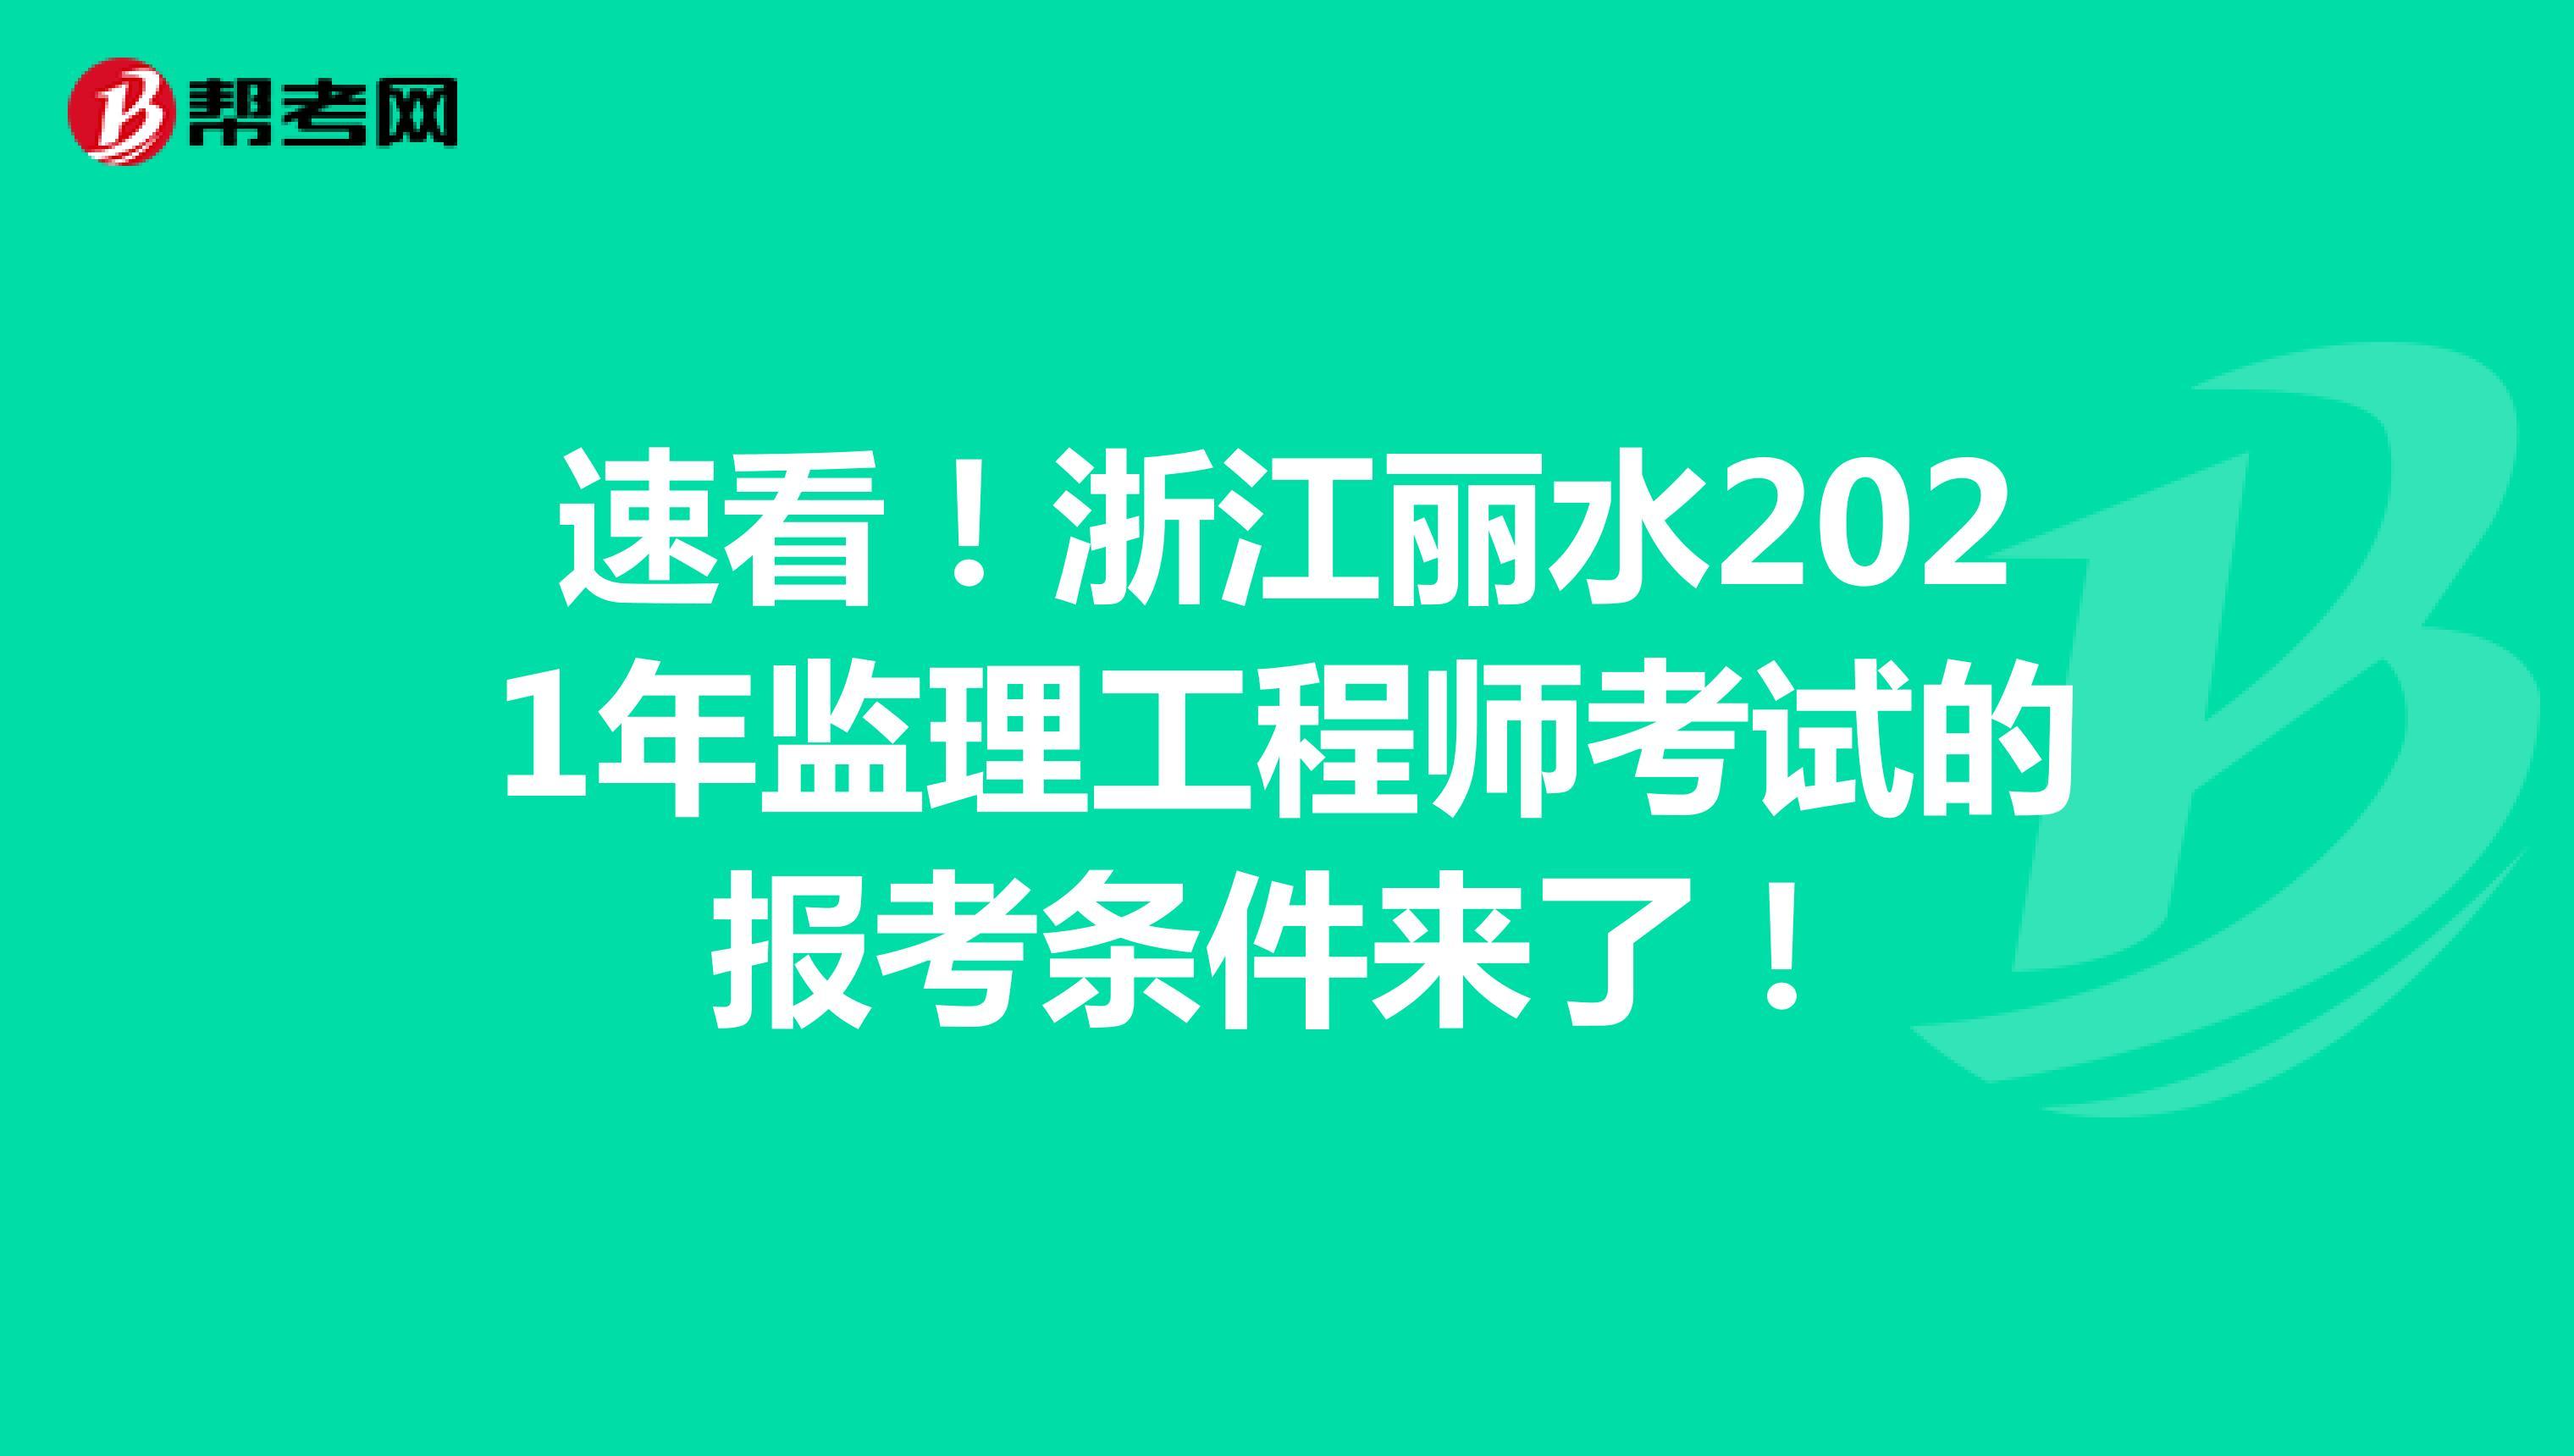 速看!浙江丽水2021年监理工程师考试的报考条件来了!